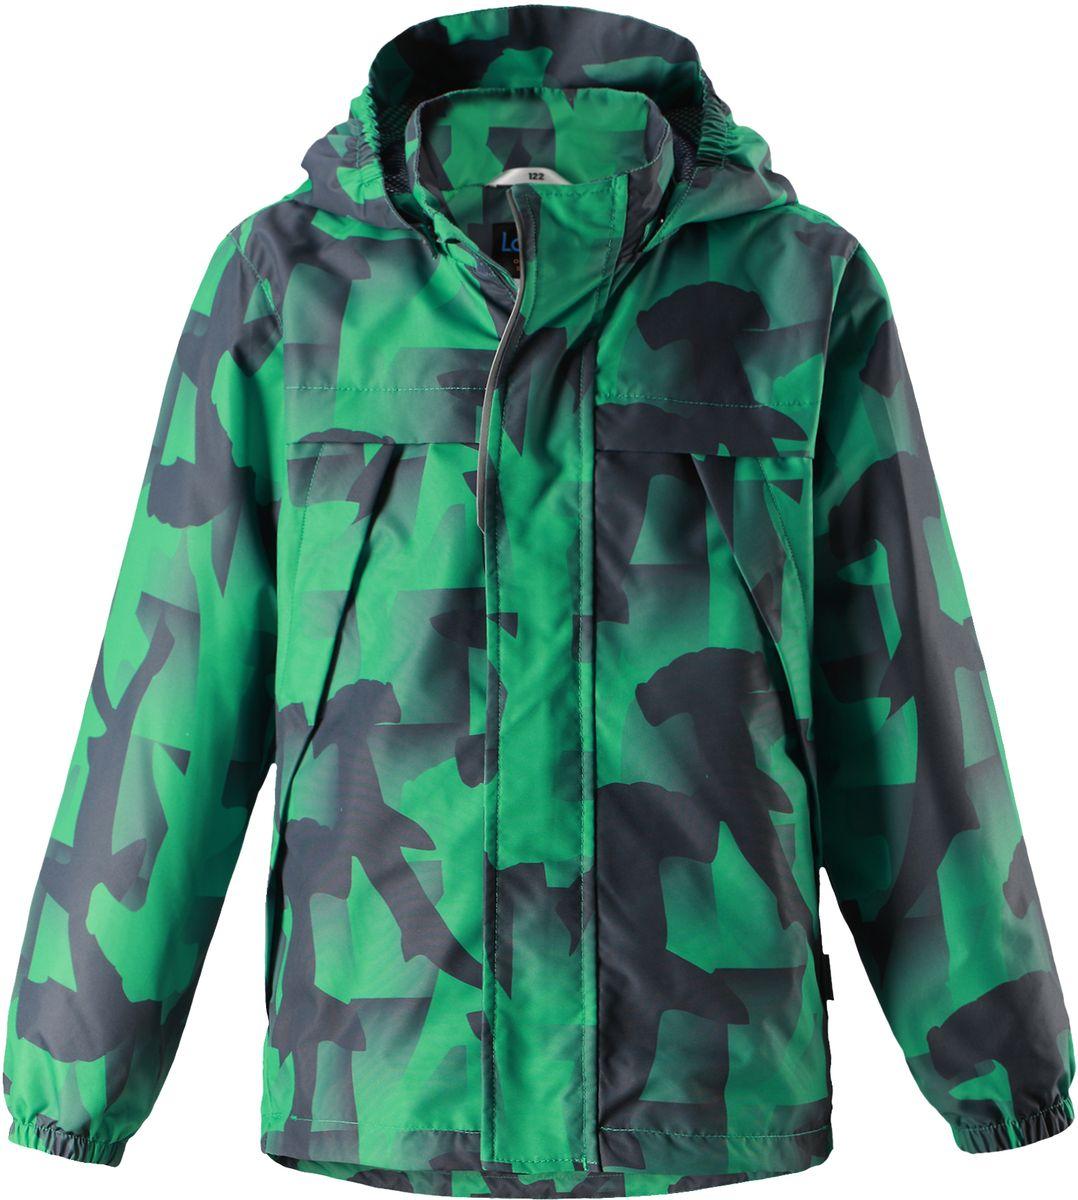 Куртка для мальчика Lassie, цвет: зеленый. 721707R8811. Размер 92721707R8811Легкая и удобная куртка для мальчиков на весенне-осенний период. Она изготовлена из водоотталкивающего и ветронепроницаемого, но при этом дышащего материала. Куртка снабжена дышащей и приятной на ощупь подкладкой на легком утеплителе, которая облегчает одевание. Съемный капюшон обеспечивает защиту от холодного ветра, а также безопасен во время игр на свежем воздухе! Благодаря регулируемому подолу эта модель свободного покроя отлично сидит по фигуре. Снабжена множеством продуманных элементов, например, передними карманами и эластичными манжетами.